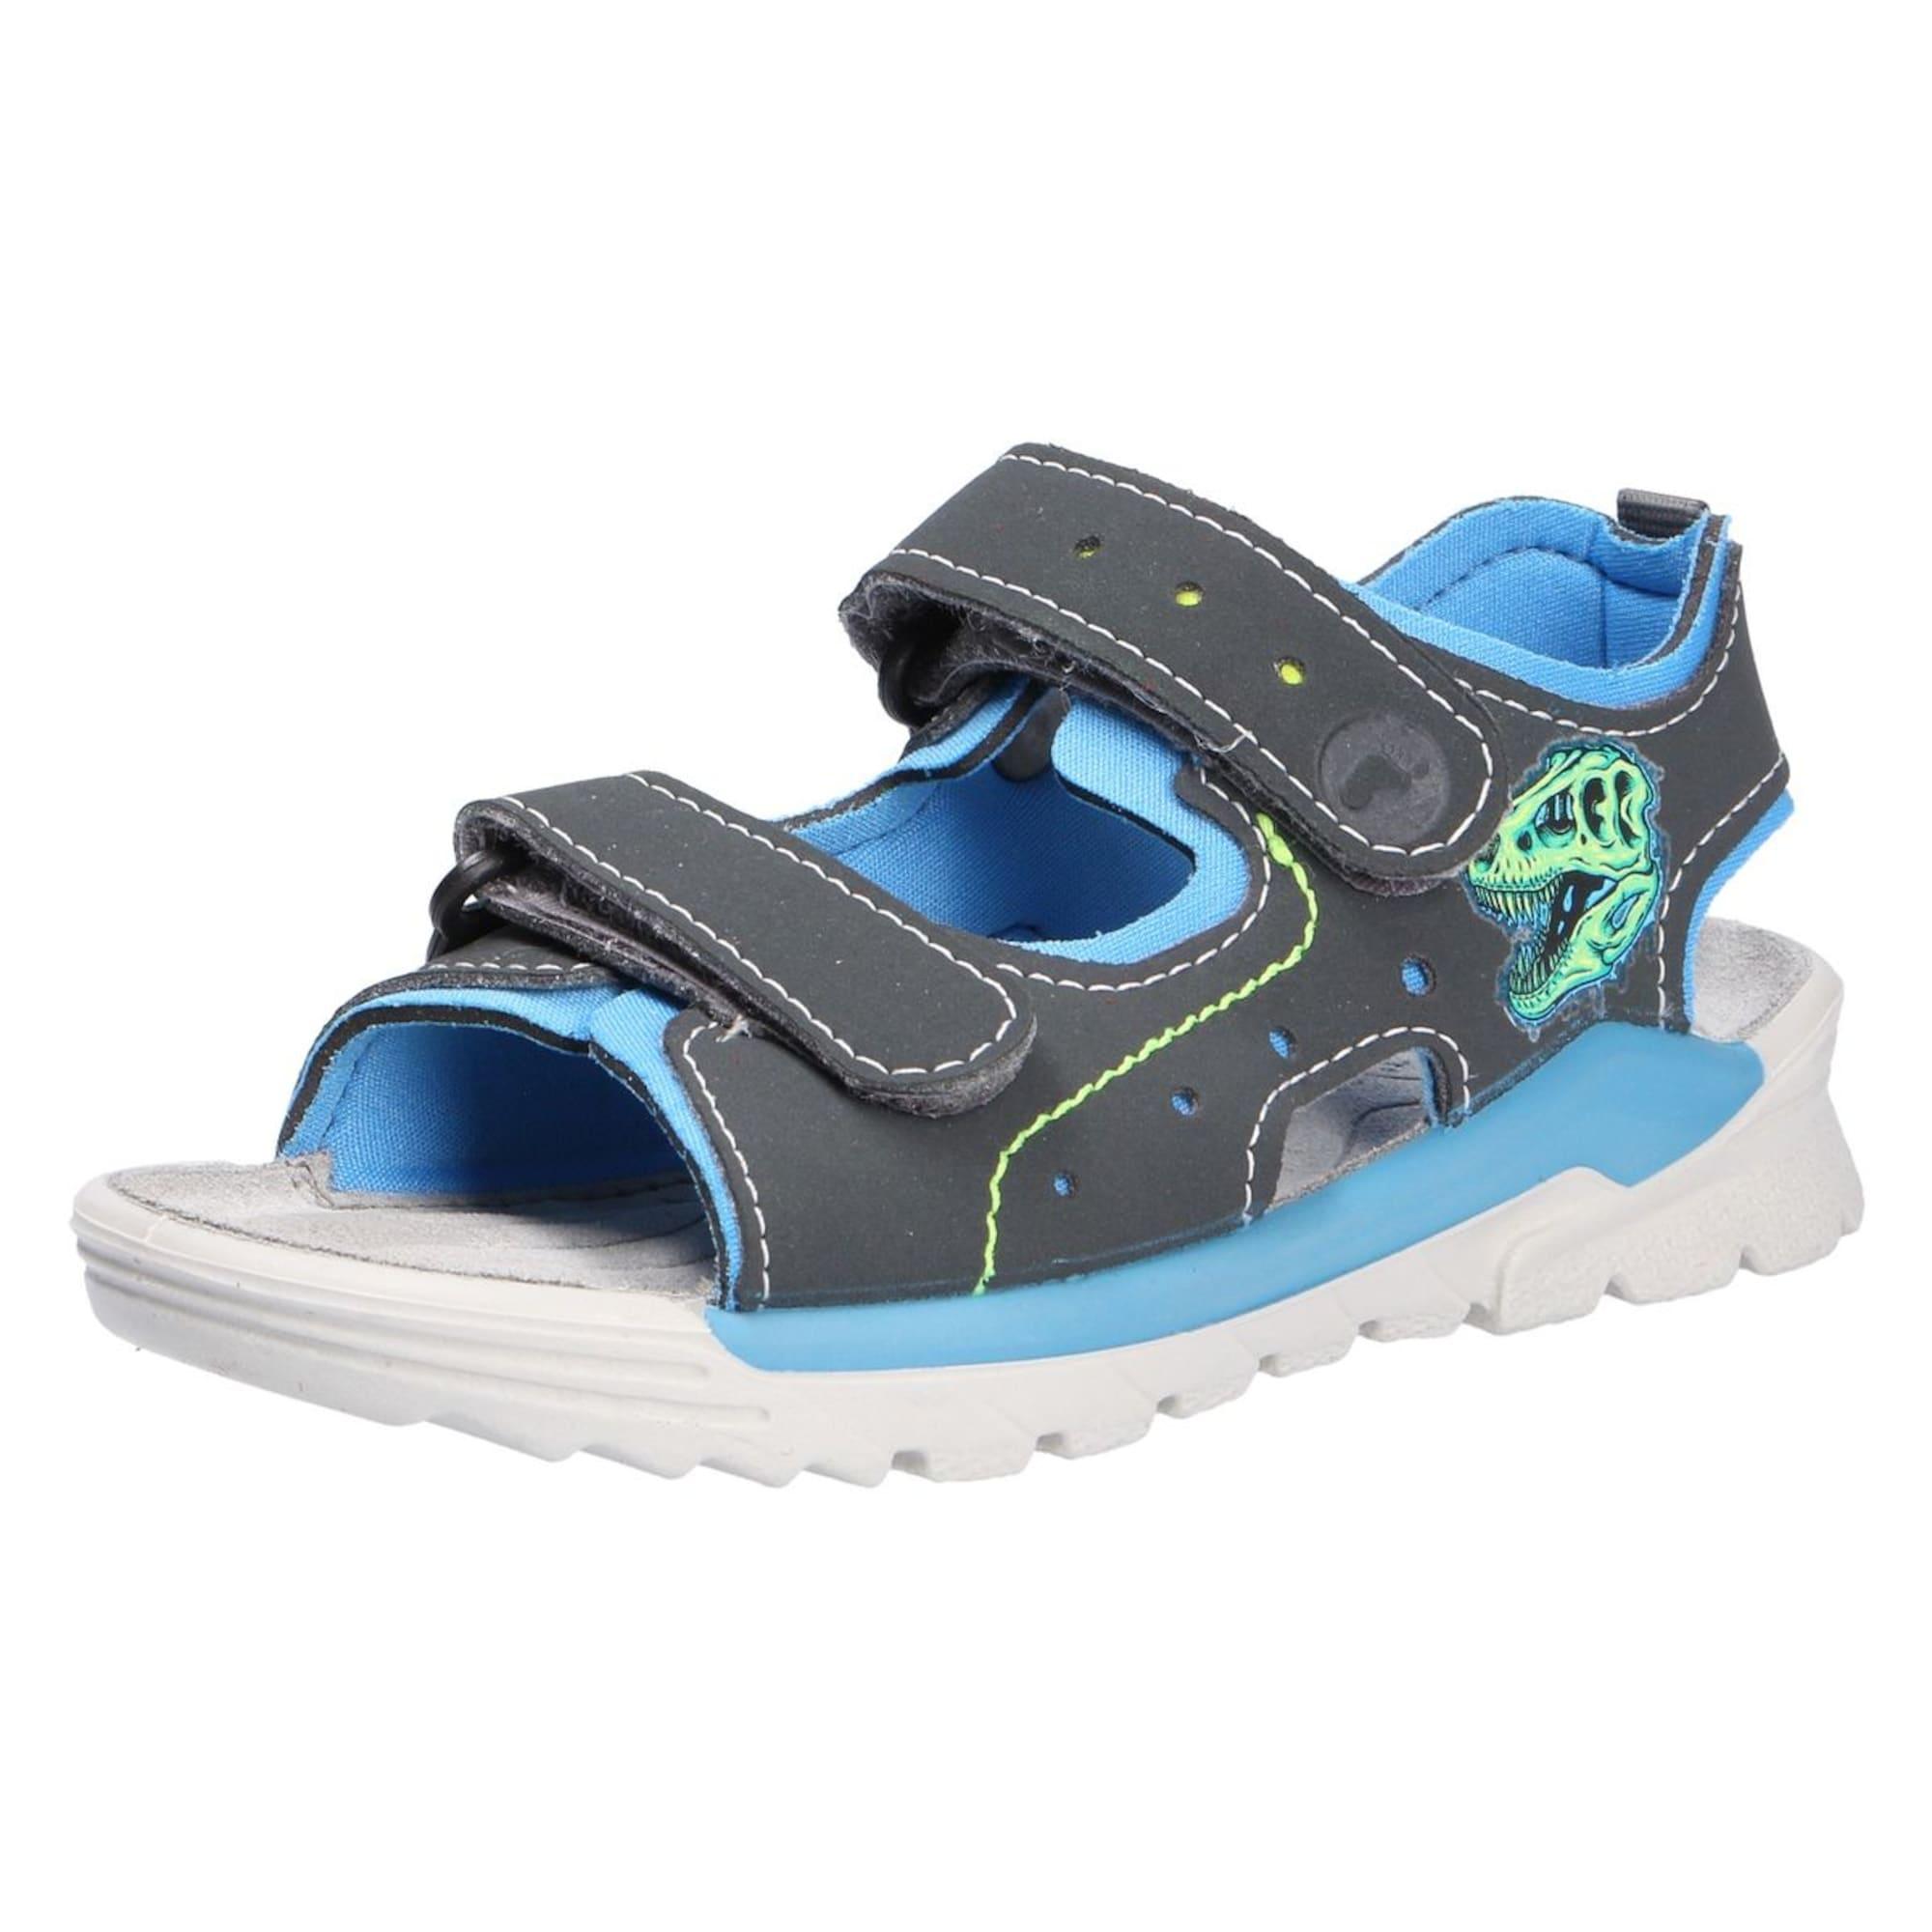 Otevřená obuv Surf modrá kobaltová modř RICOSTA